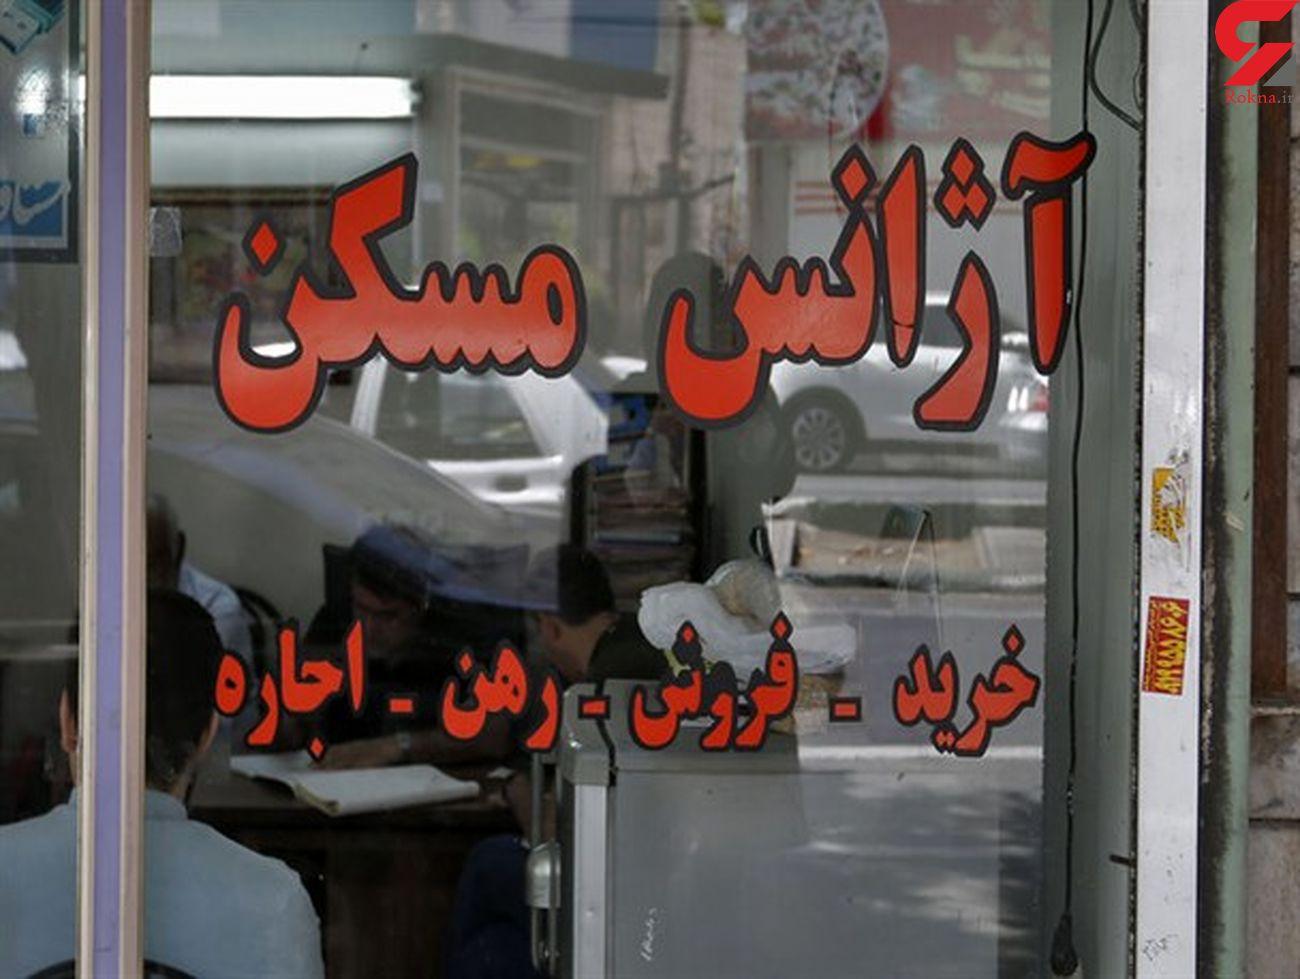 قیمت رهن و اجاره آپارتمان در منطقه خواجه نظام الملک چند ؟ + جدول